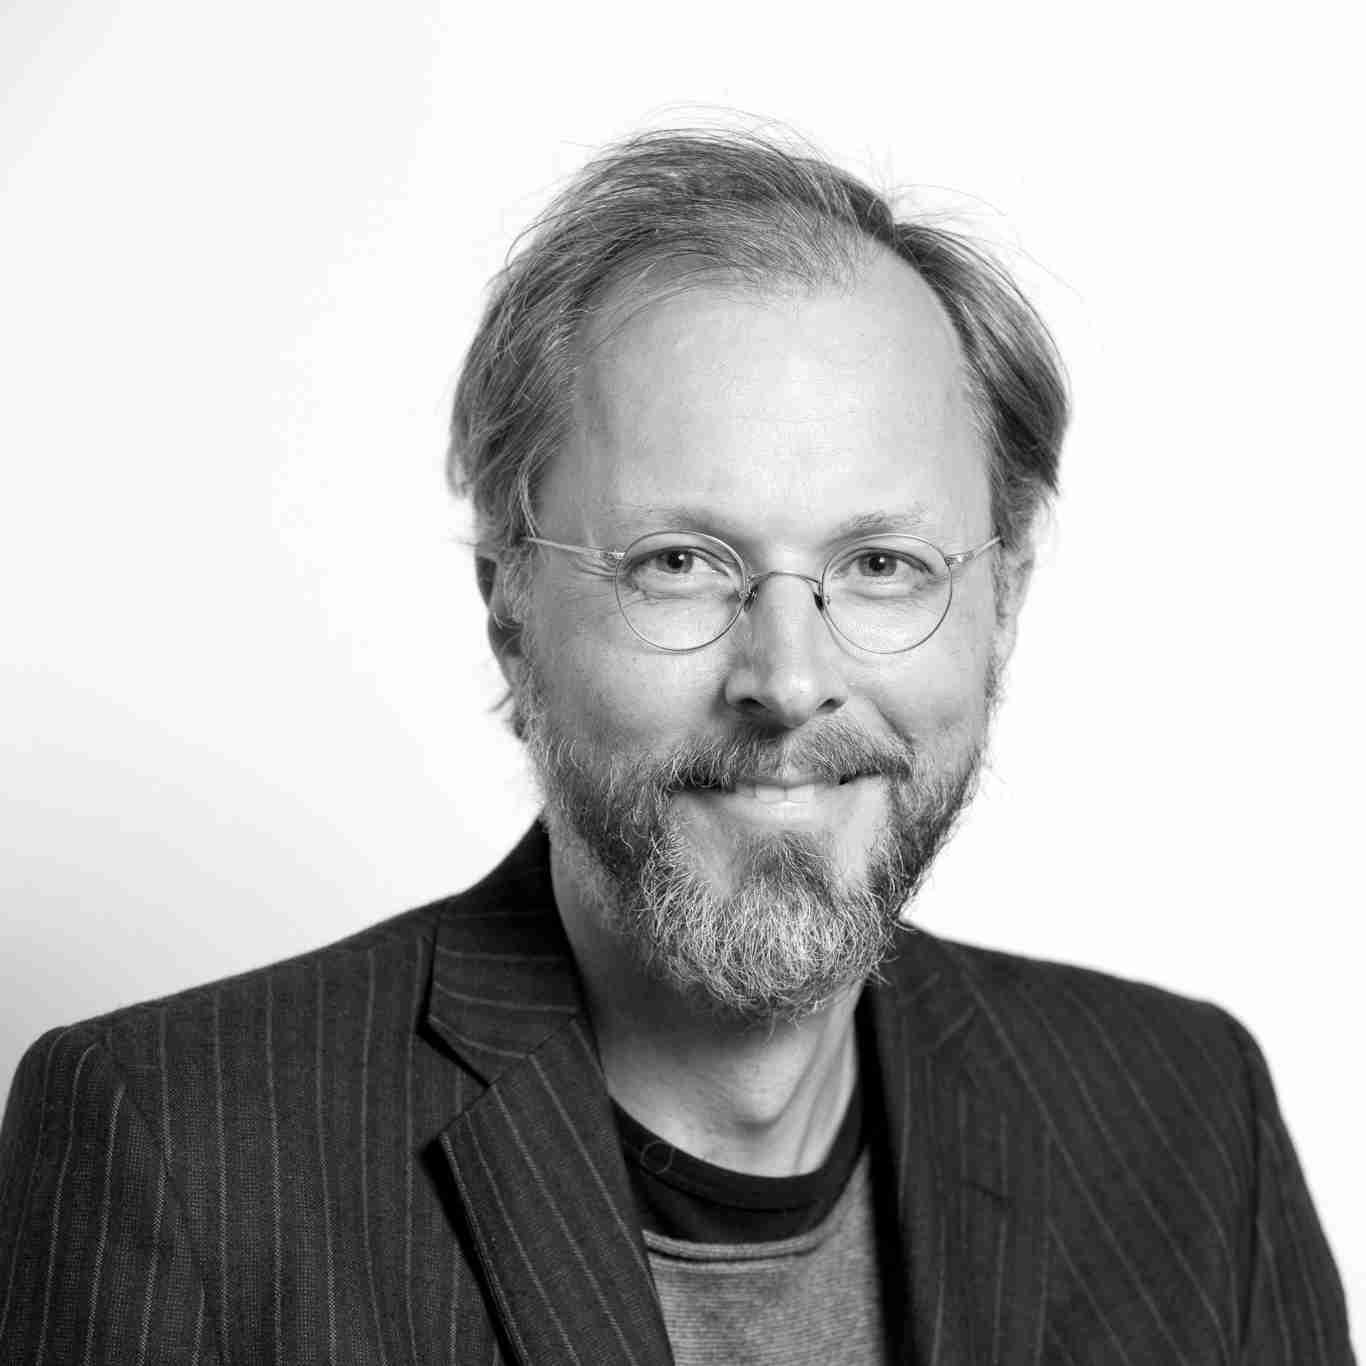 Christian M. Kerskens